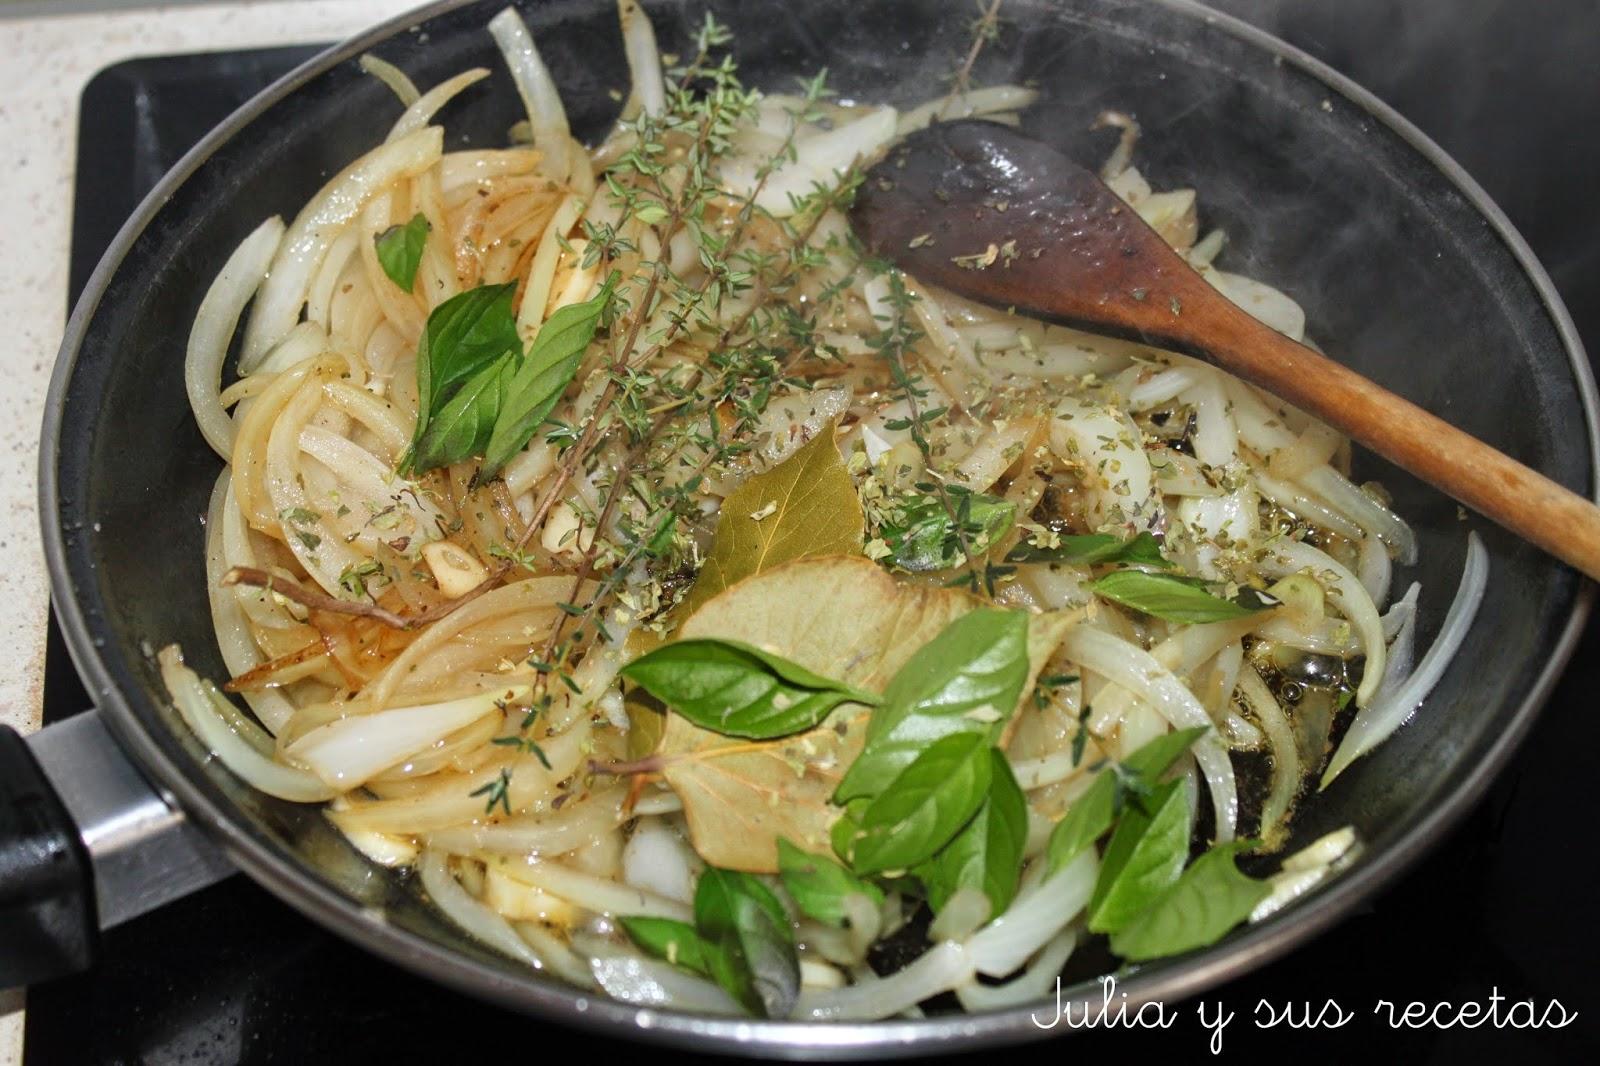 Julia y sus recetas pollo encebollado for Cocinar 2 muslos de pollo